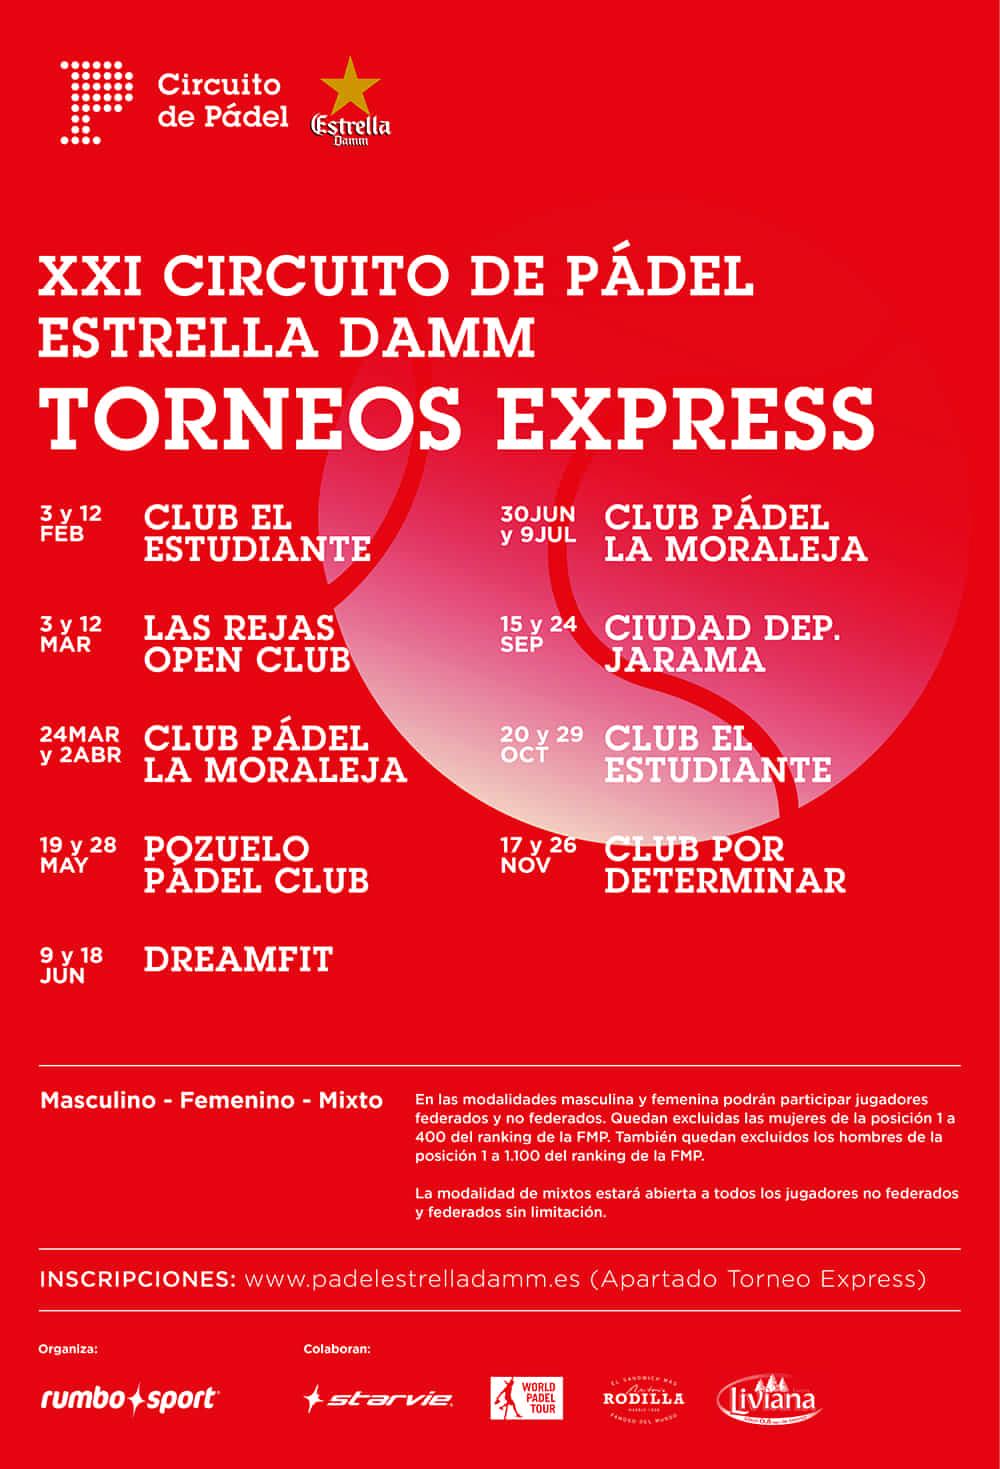 Cartel XXI Circuito de Pádel Estrella Damm Torneos Express